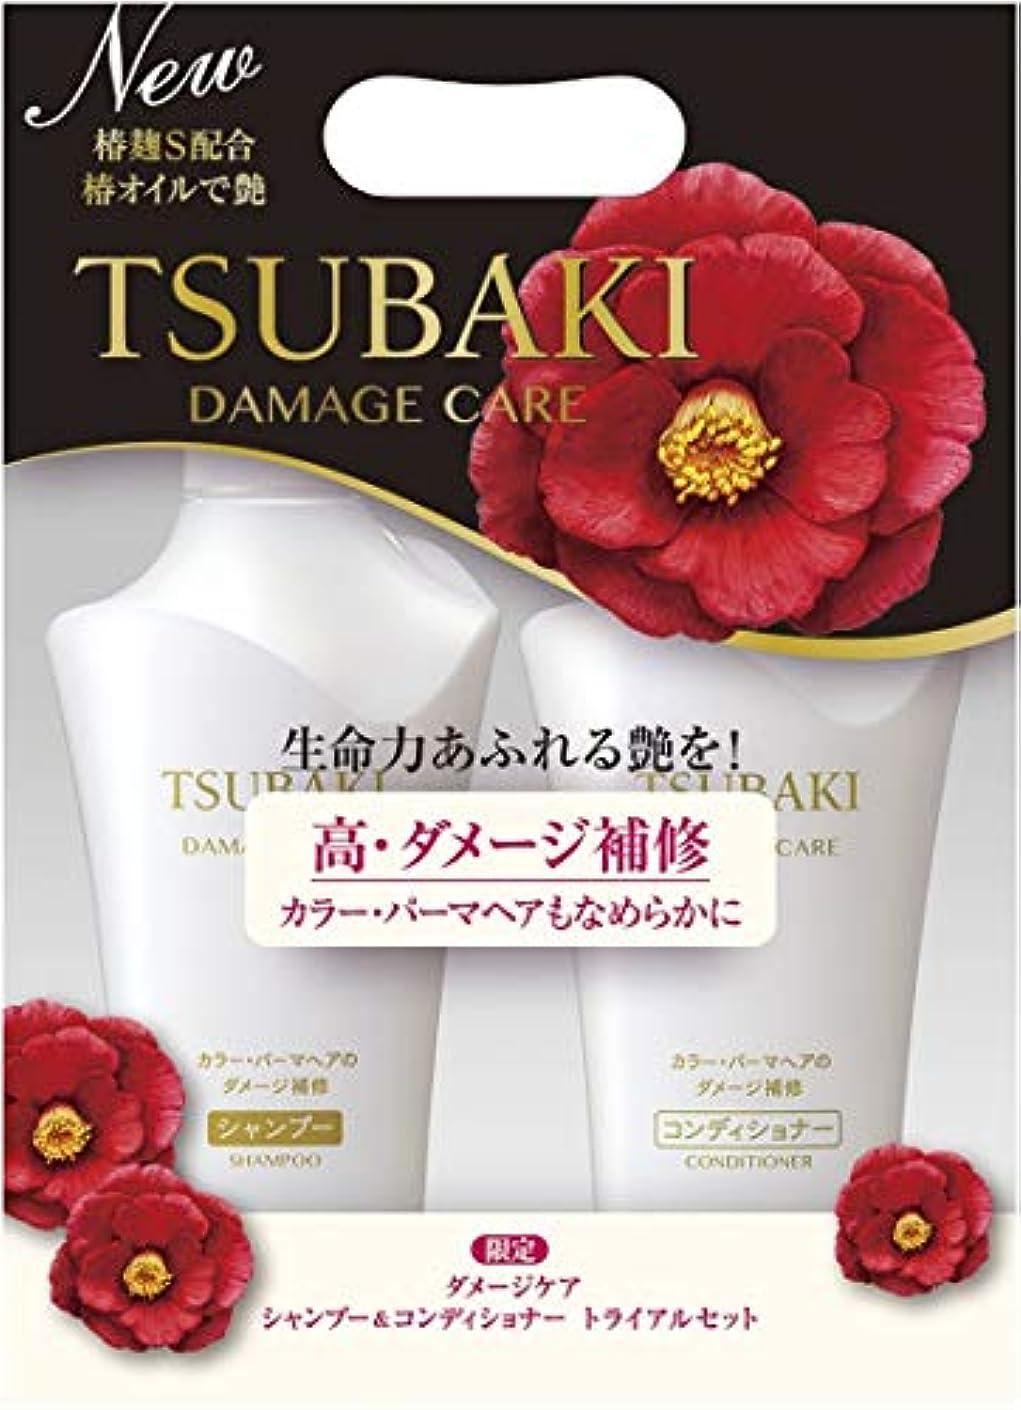 機動ディスカウント解任TSUBAKI ダメージケア シャンプー&コンディショナー ジャンボペアセット (500ml+500ml)